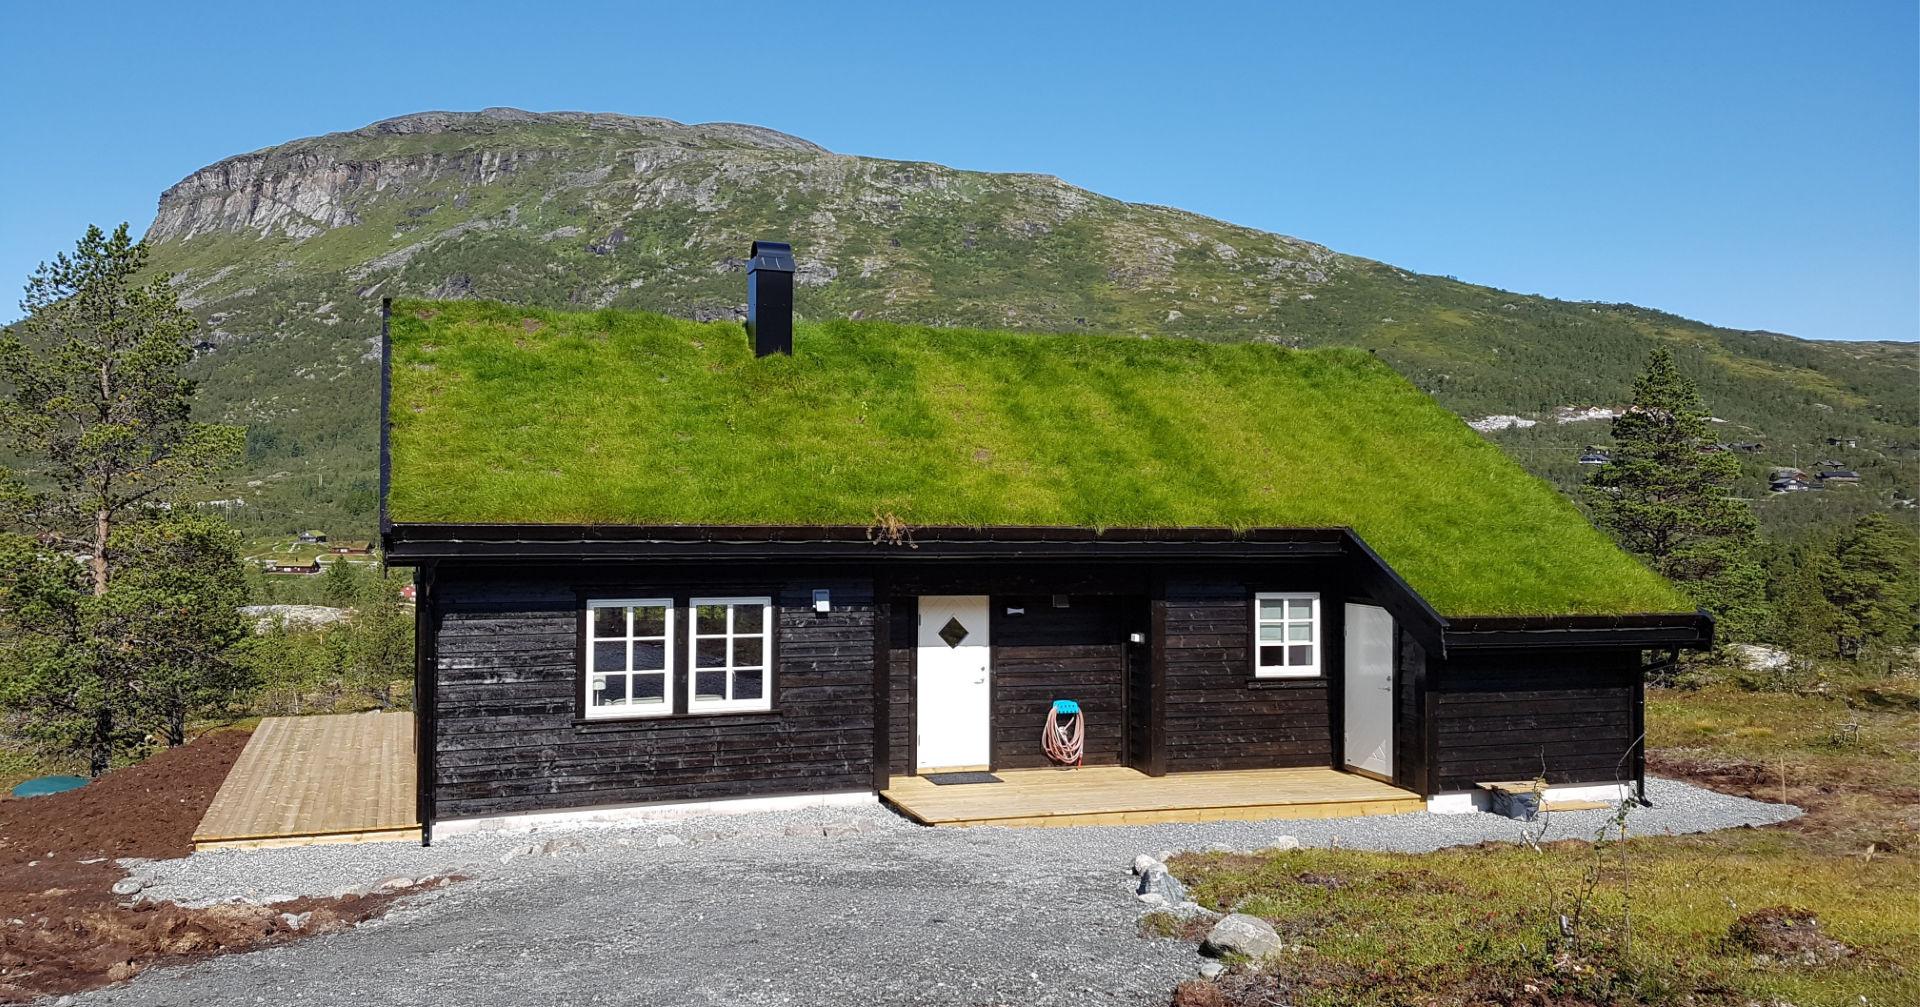 Et nytt hyttefelt er i ferd med å ta form i Sysendalen ved Hardangervidda. Idéhus-forhandler BH Bolig står bak utbyggingen av totalt 14 hytter.